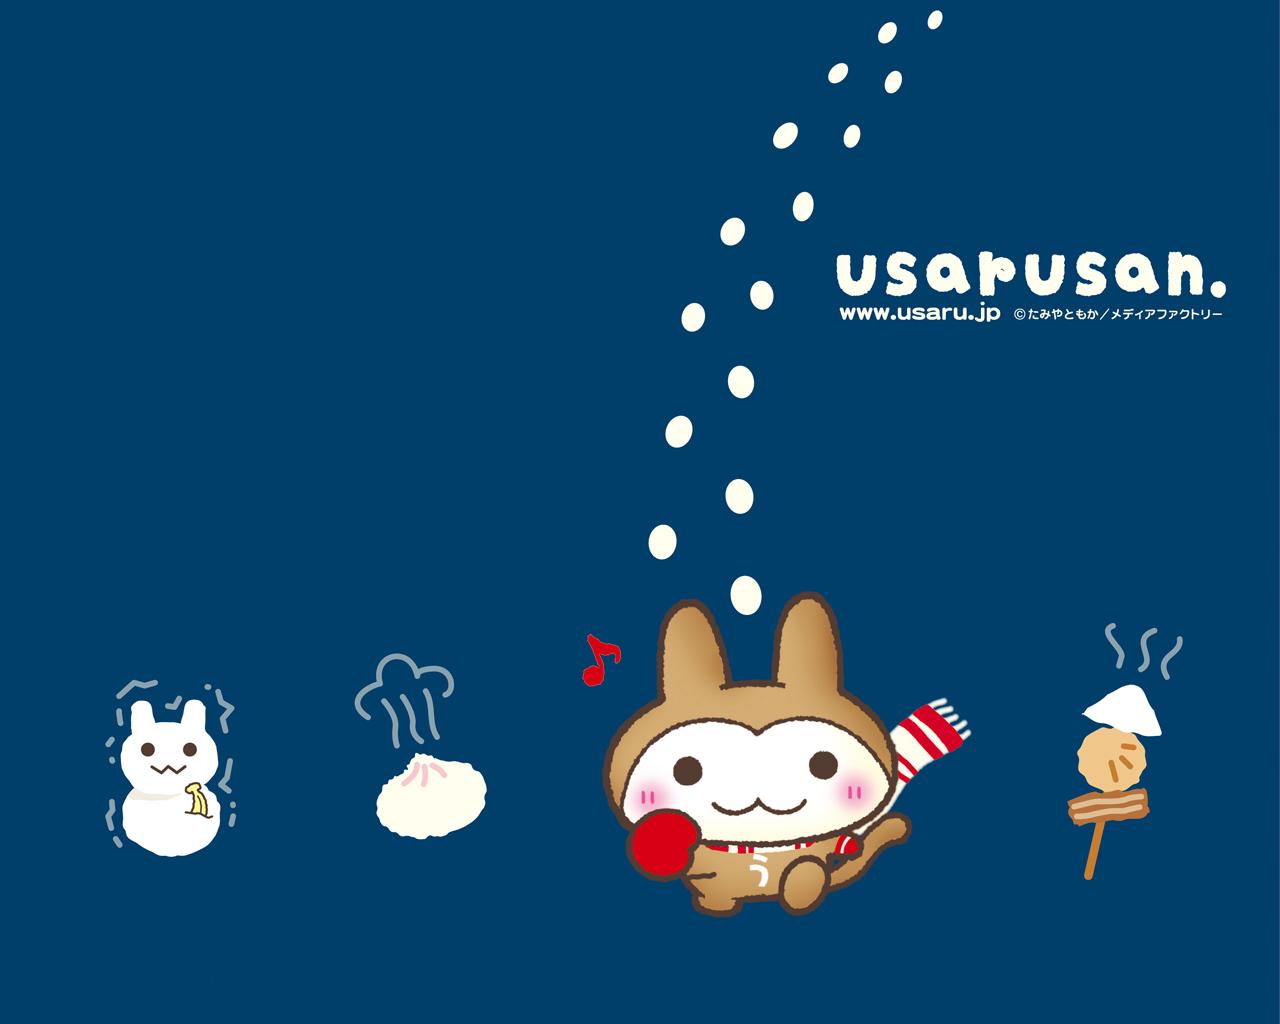 高清宽屏可爱动漫女孩壁纸_动漫可爱萌可爱的熊猫娃娃卡通可爱的熊猫